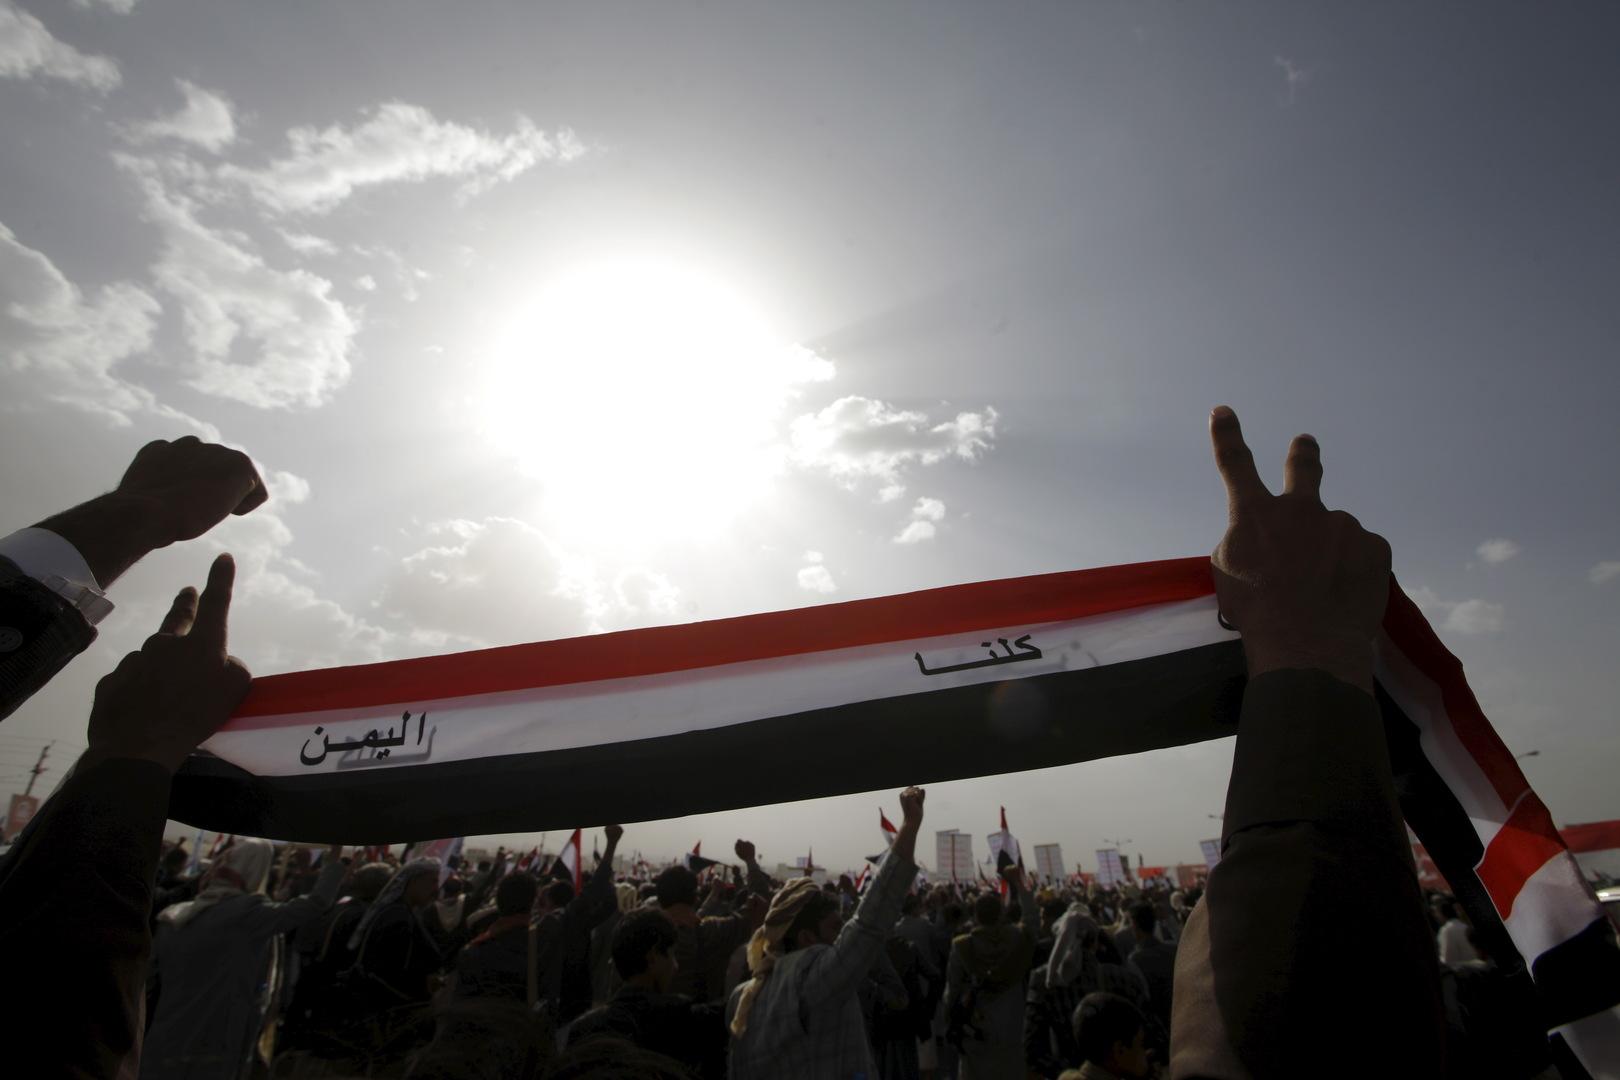 الحوثيون يعلنون عن اجتماع مع وزير خارجية عمان